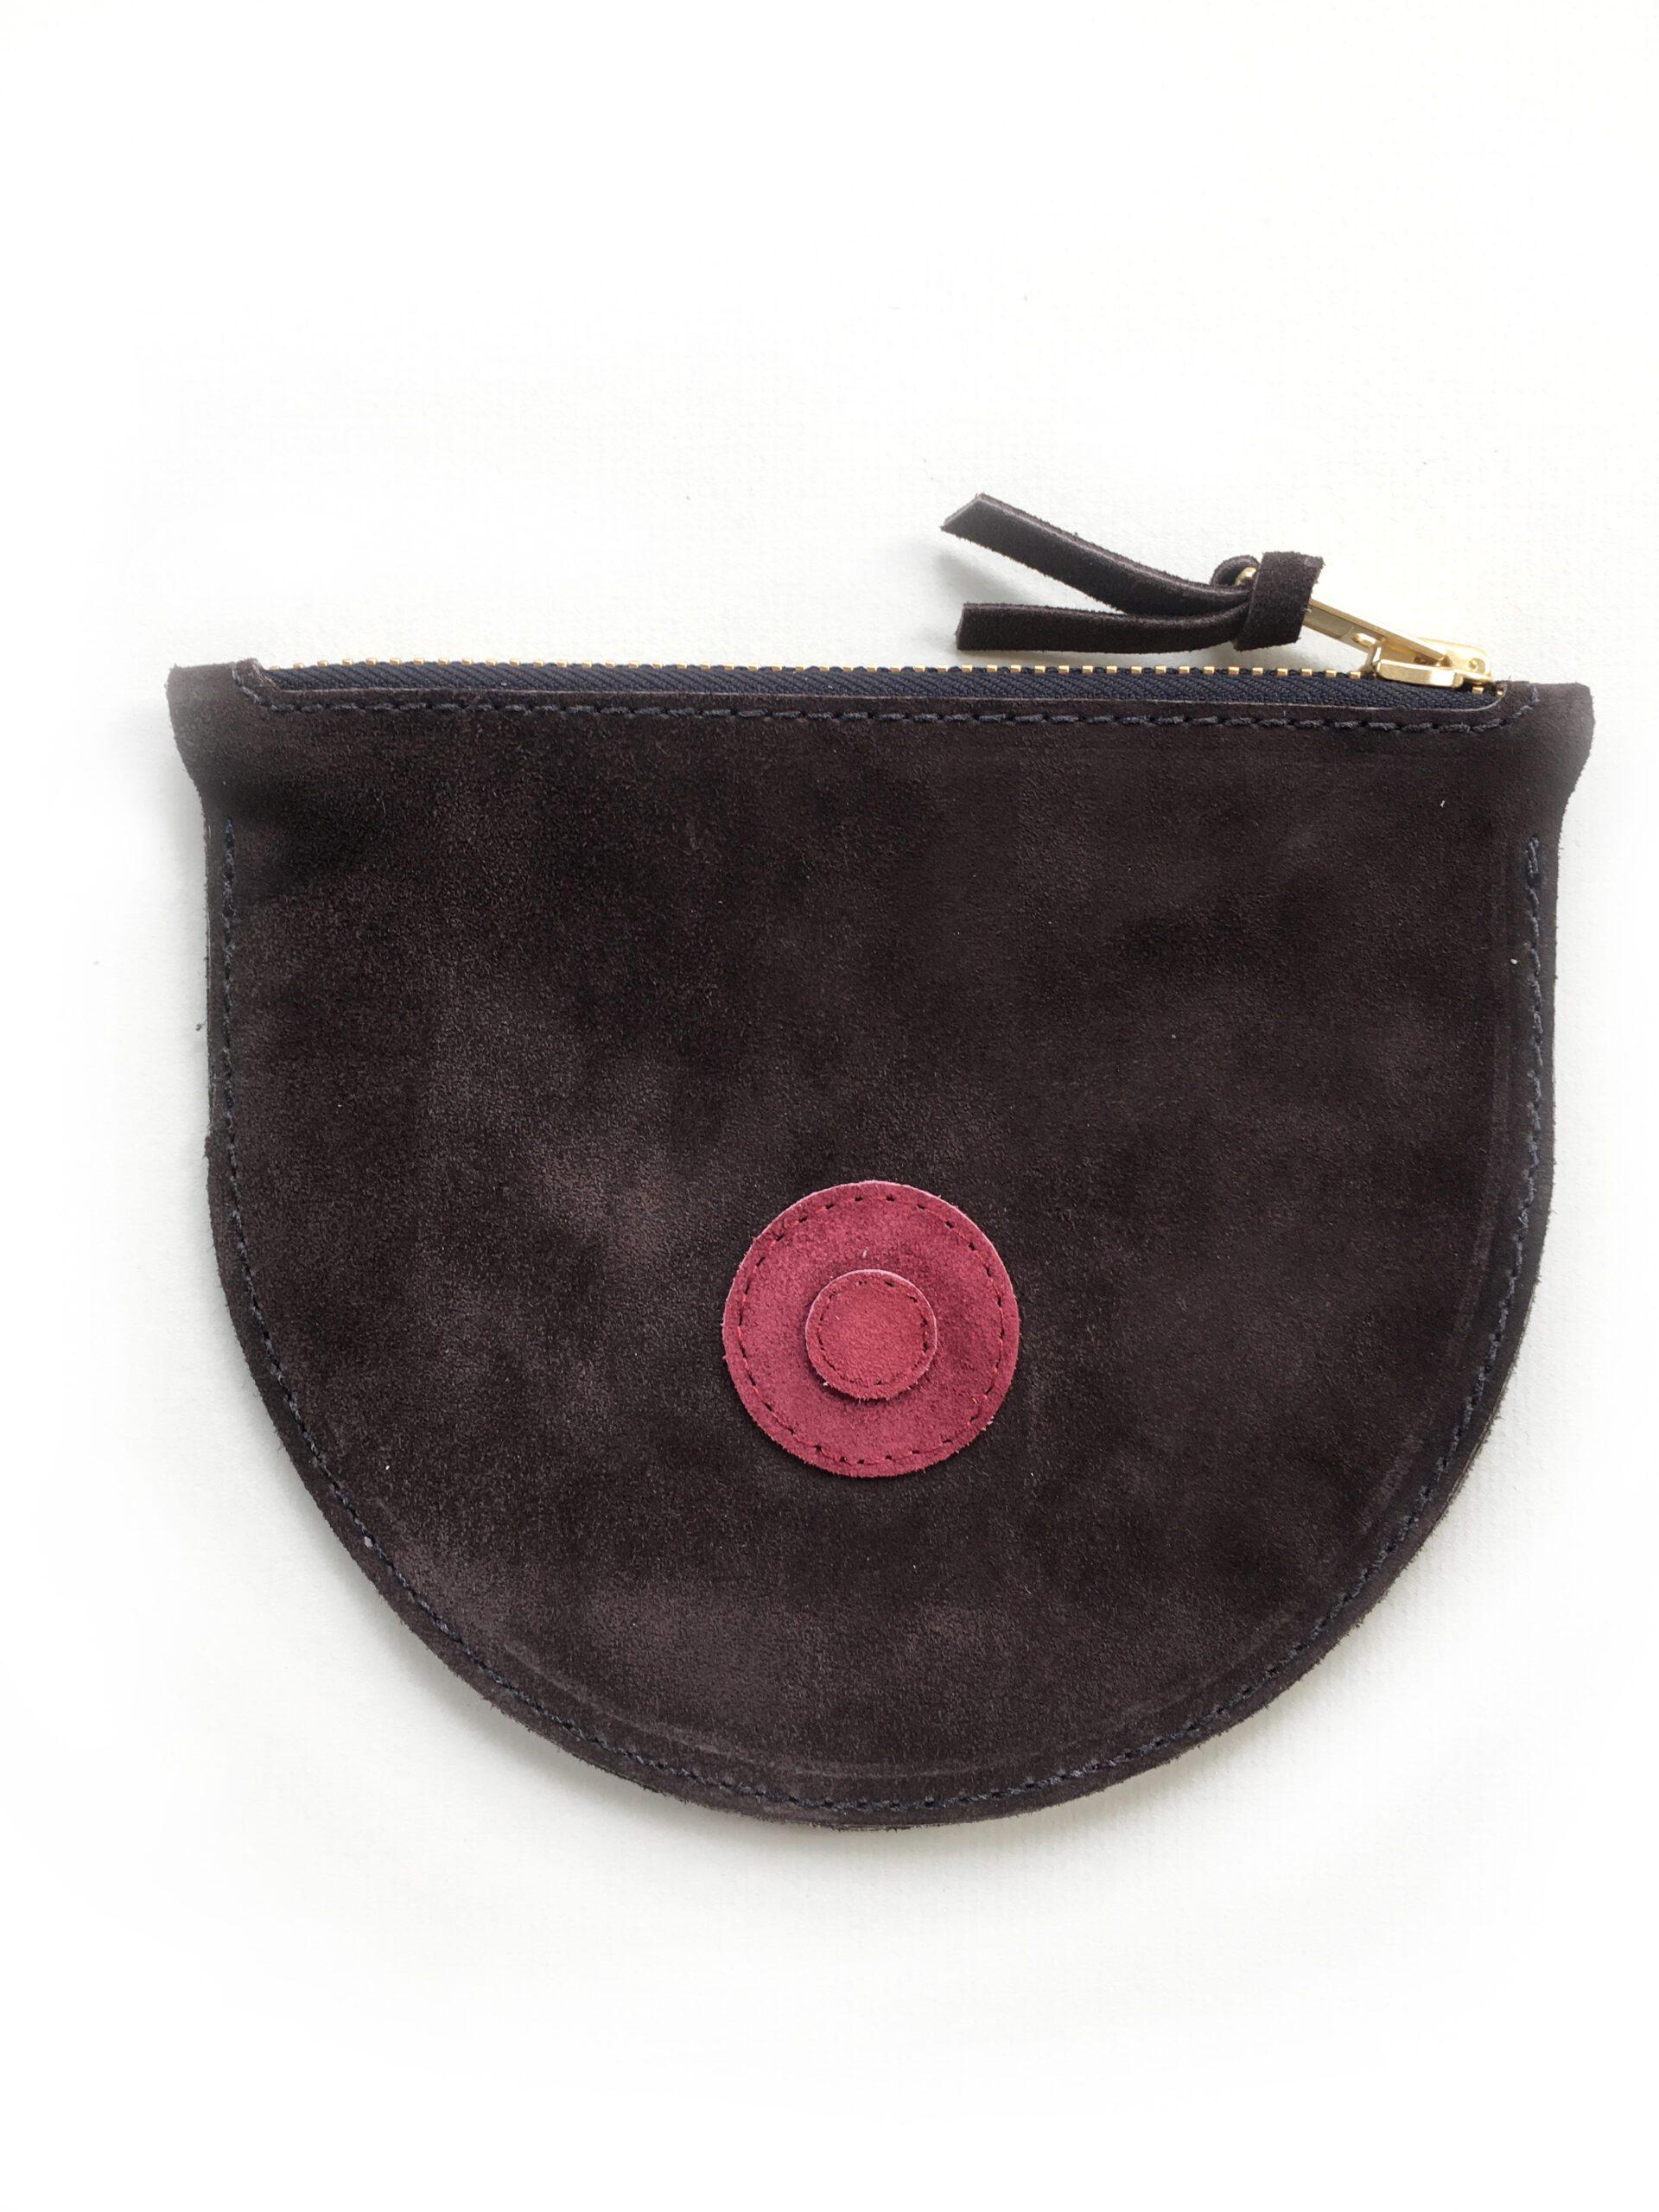 Boob Clutch Lillian Farag purse fashion wear in the pursuit